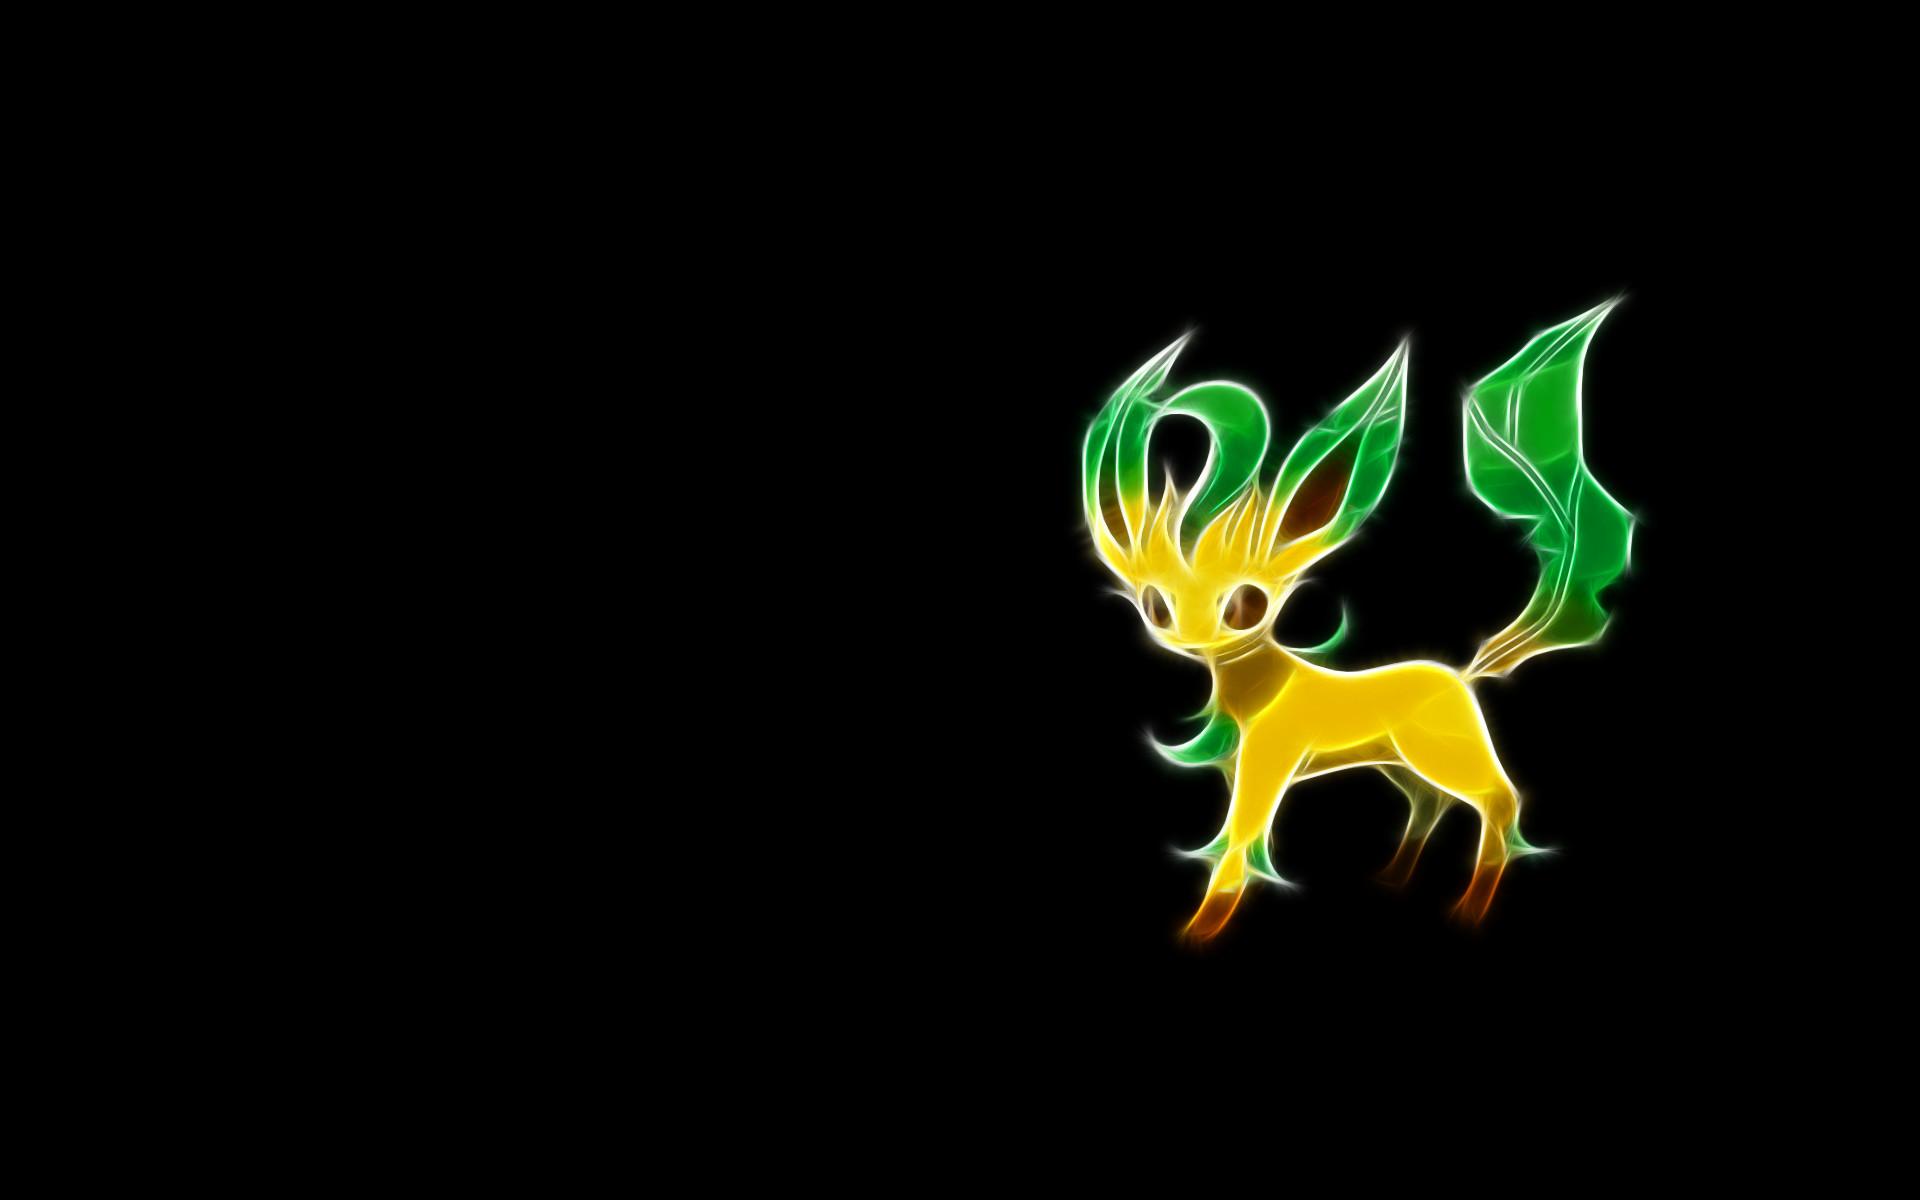 Pokemon Eevee Evolutions Wallpaper 800×500 Eevee evolutions wallpaper (41  Wallpapers) | Adorable